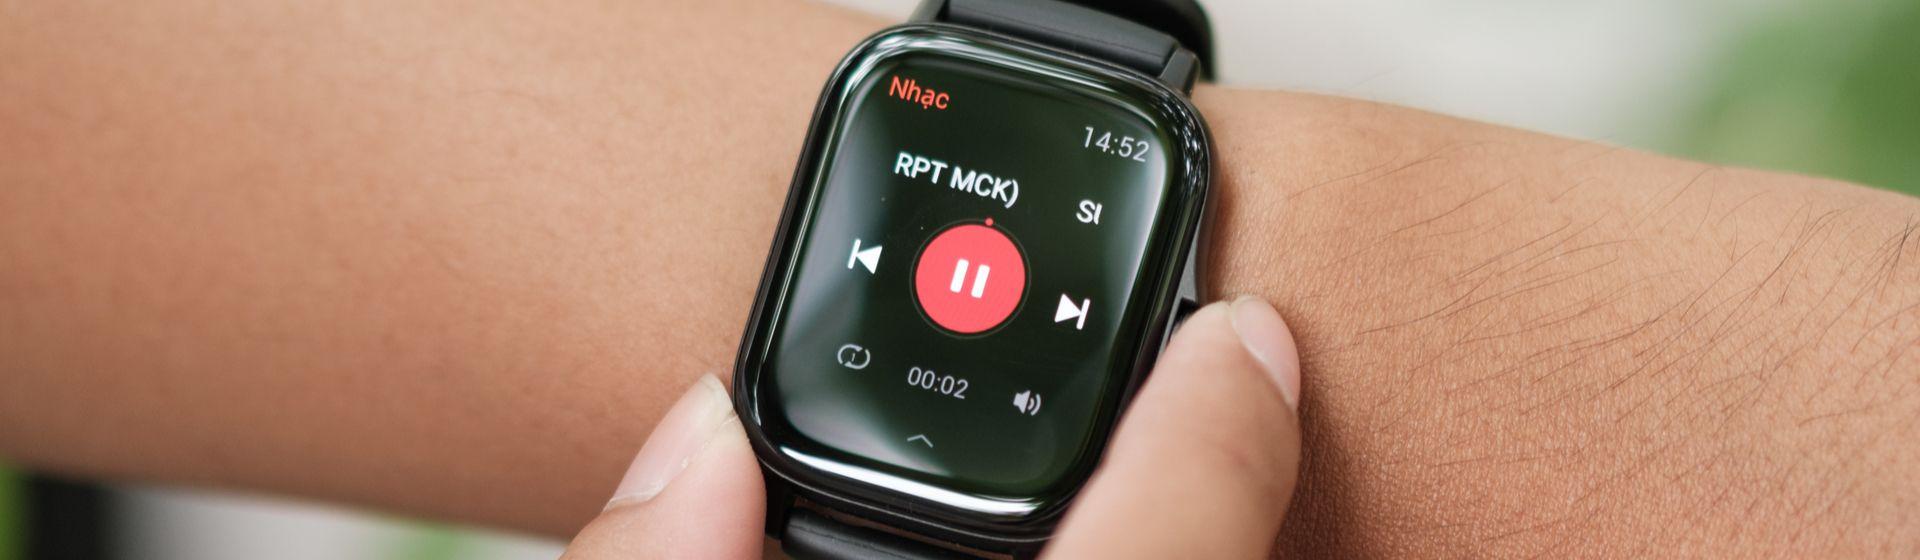 Smartwatch Xiaomi: melhores modelos para comprar em 2021